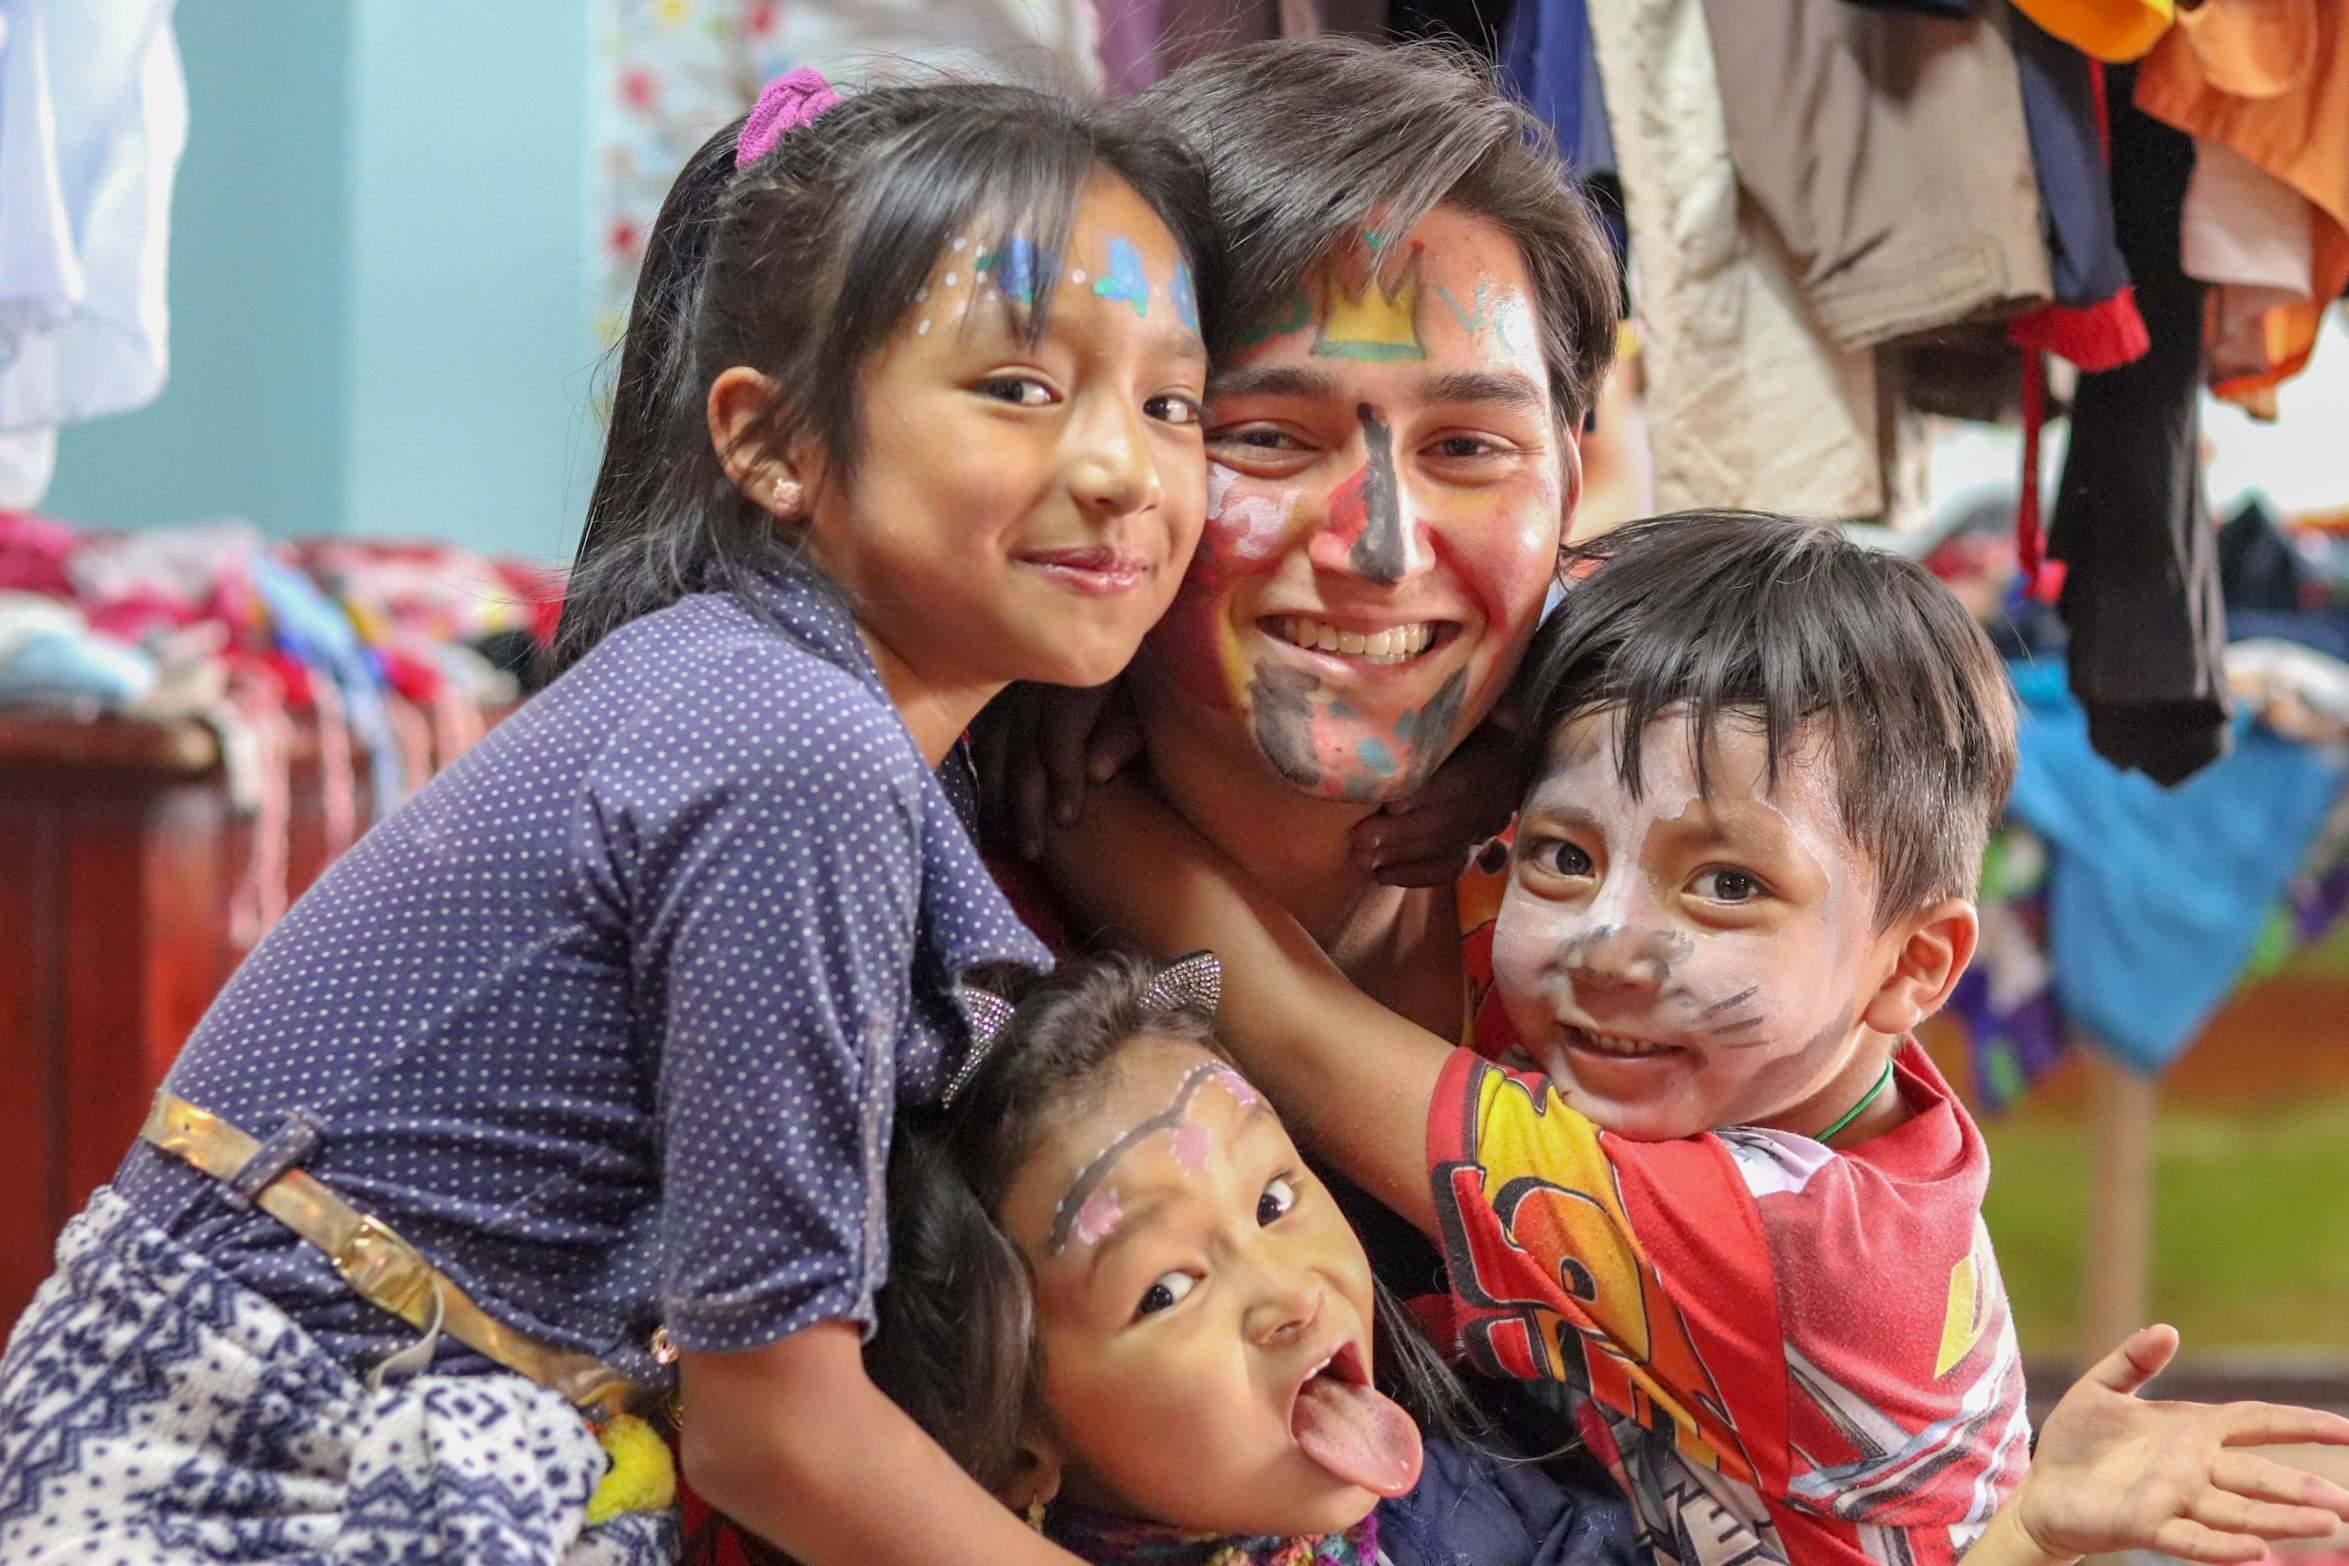 Zoals gebruikelijk schminkten we ook weer de gezichten van de kinderen én de vrijwilligers.